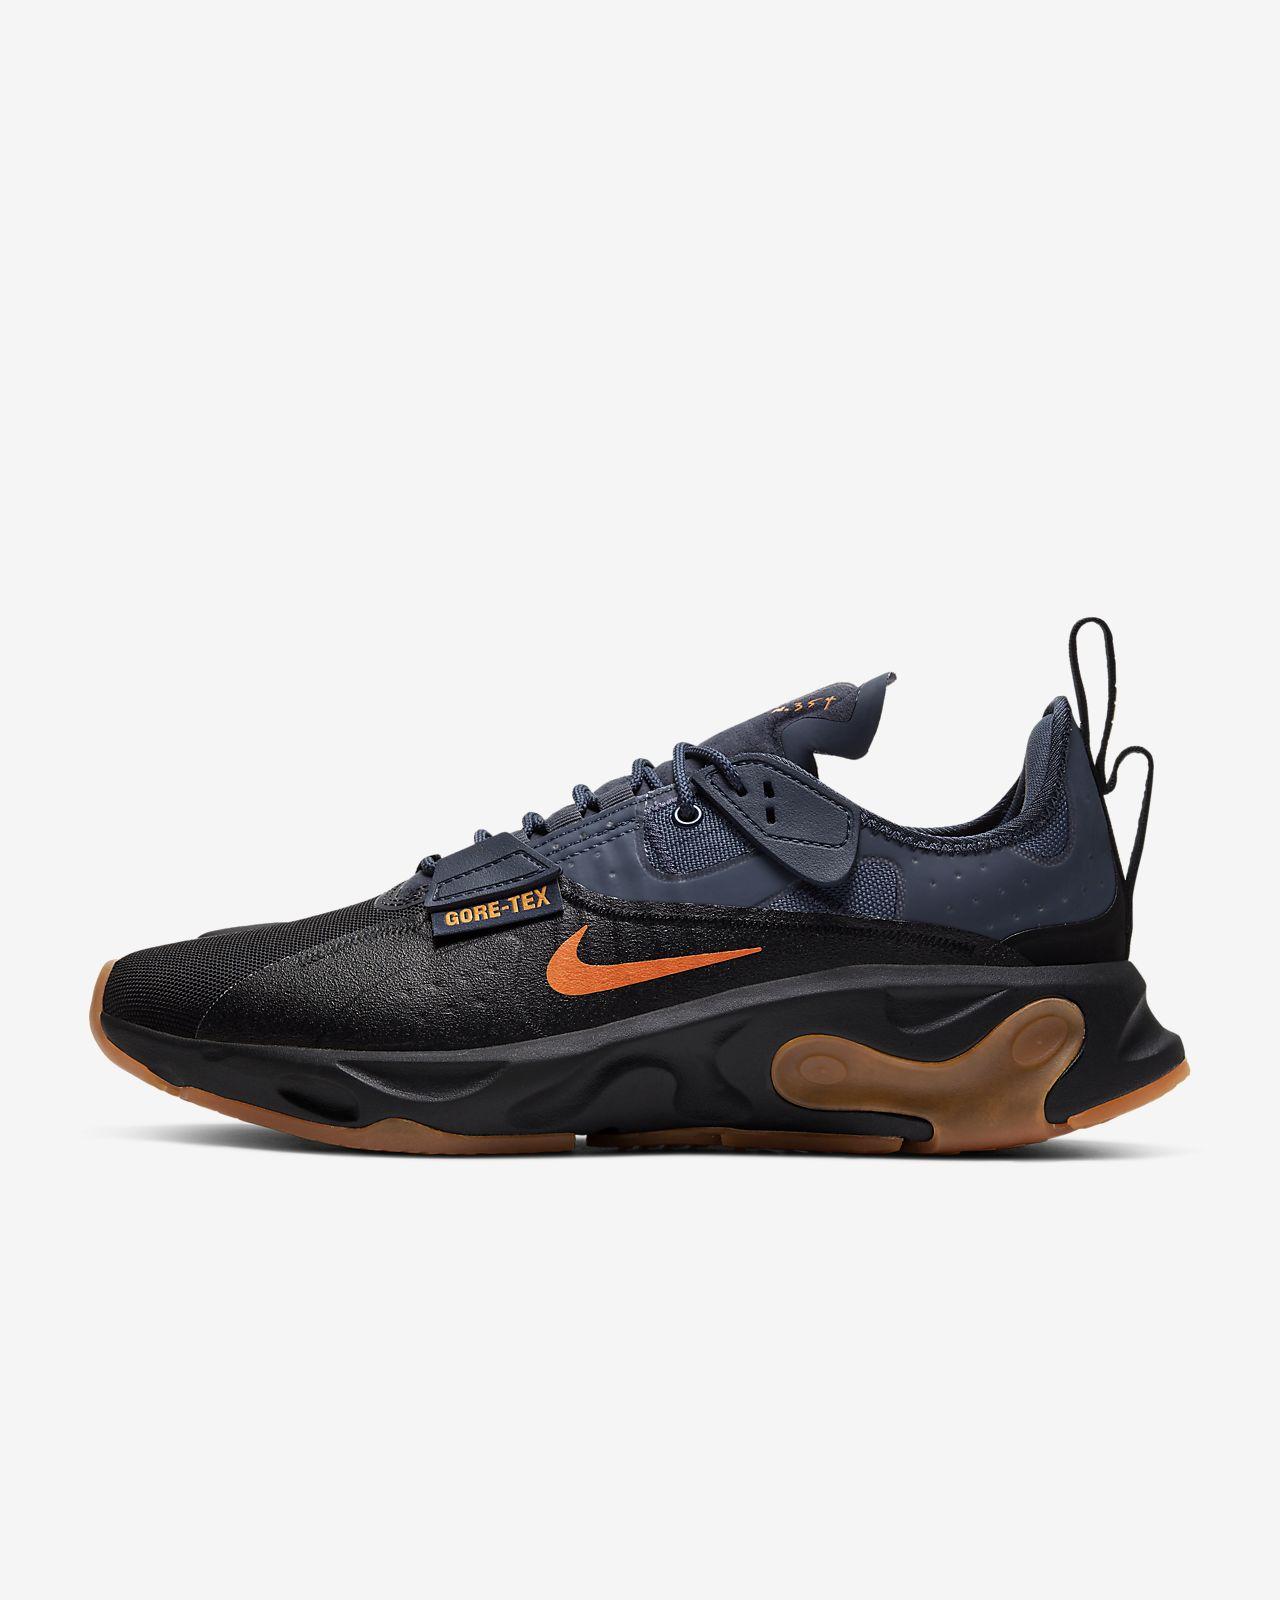 Sko Nike React-Type GTX för män